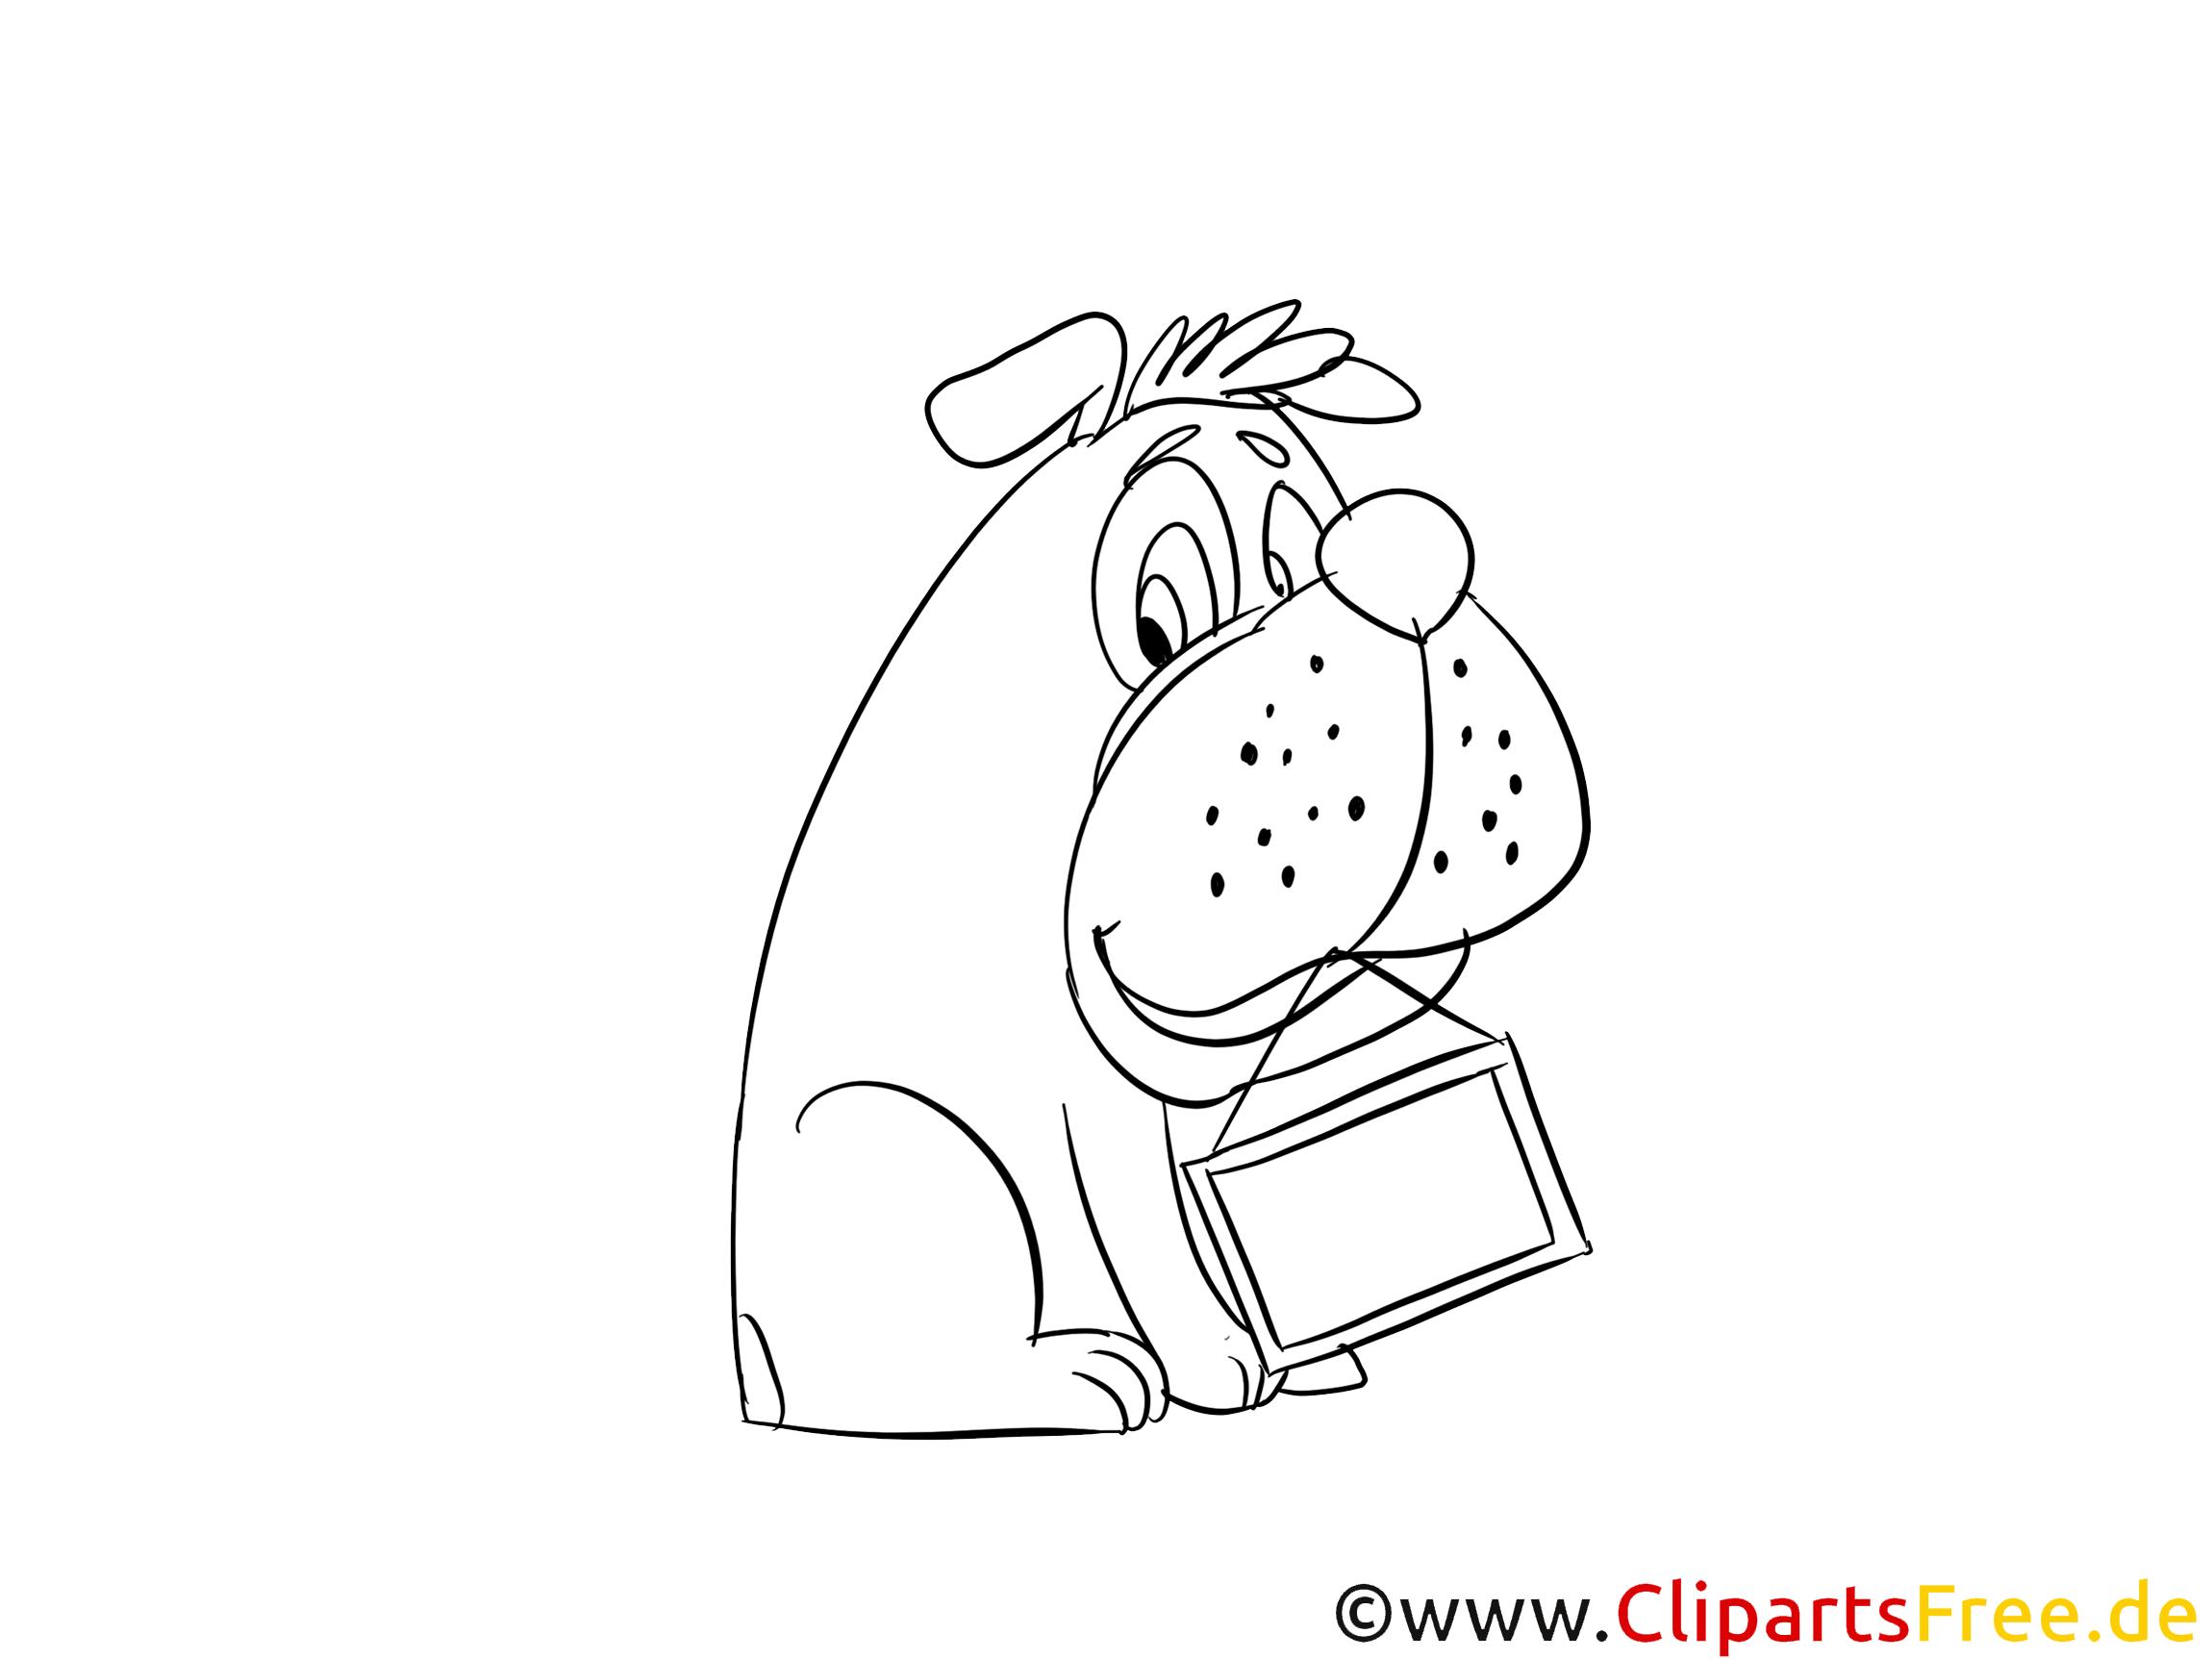 Bulldogge Ausmalbild zum Ausdrucken und Ausmalen kostenlos